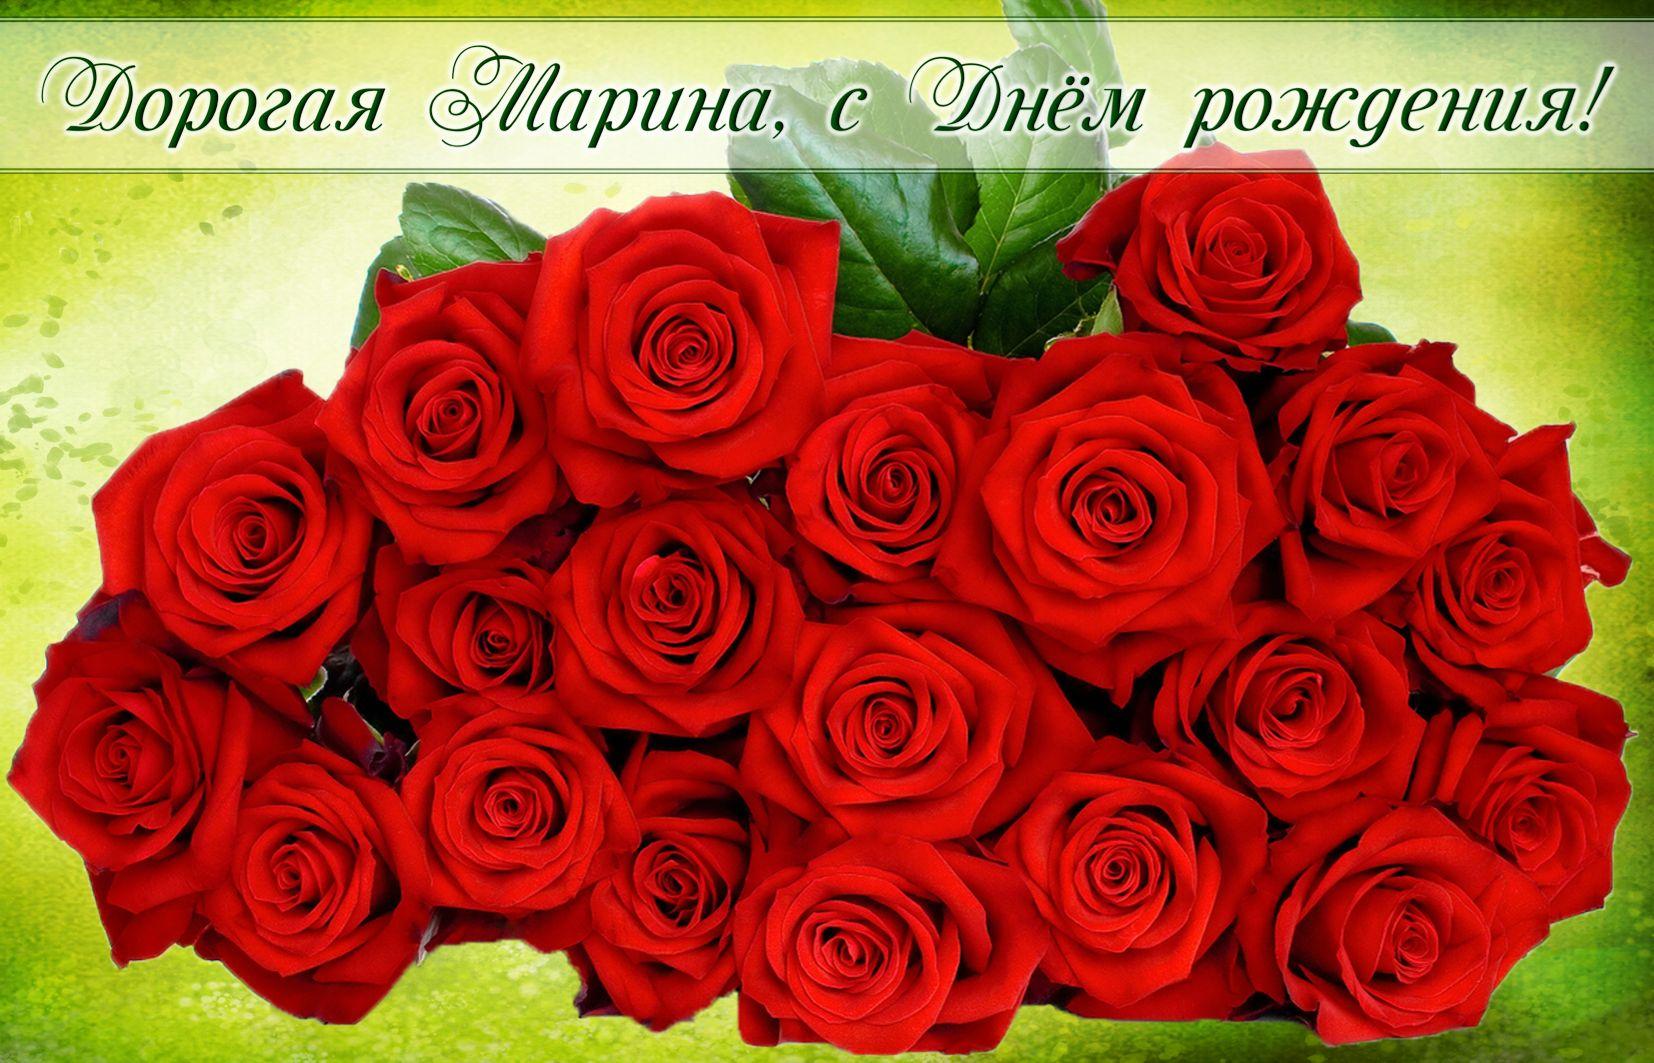 Открытка на День рождения Марине - букет красных роз на красивом фоне